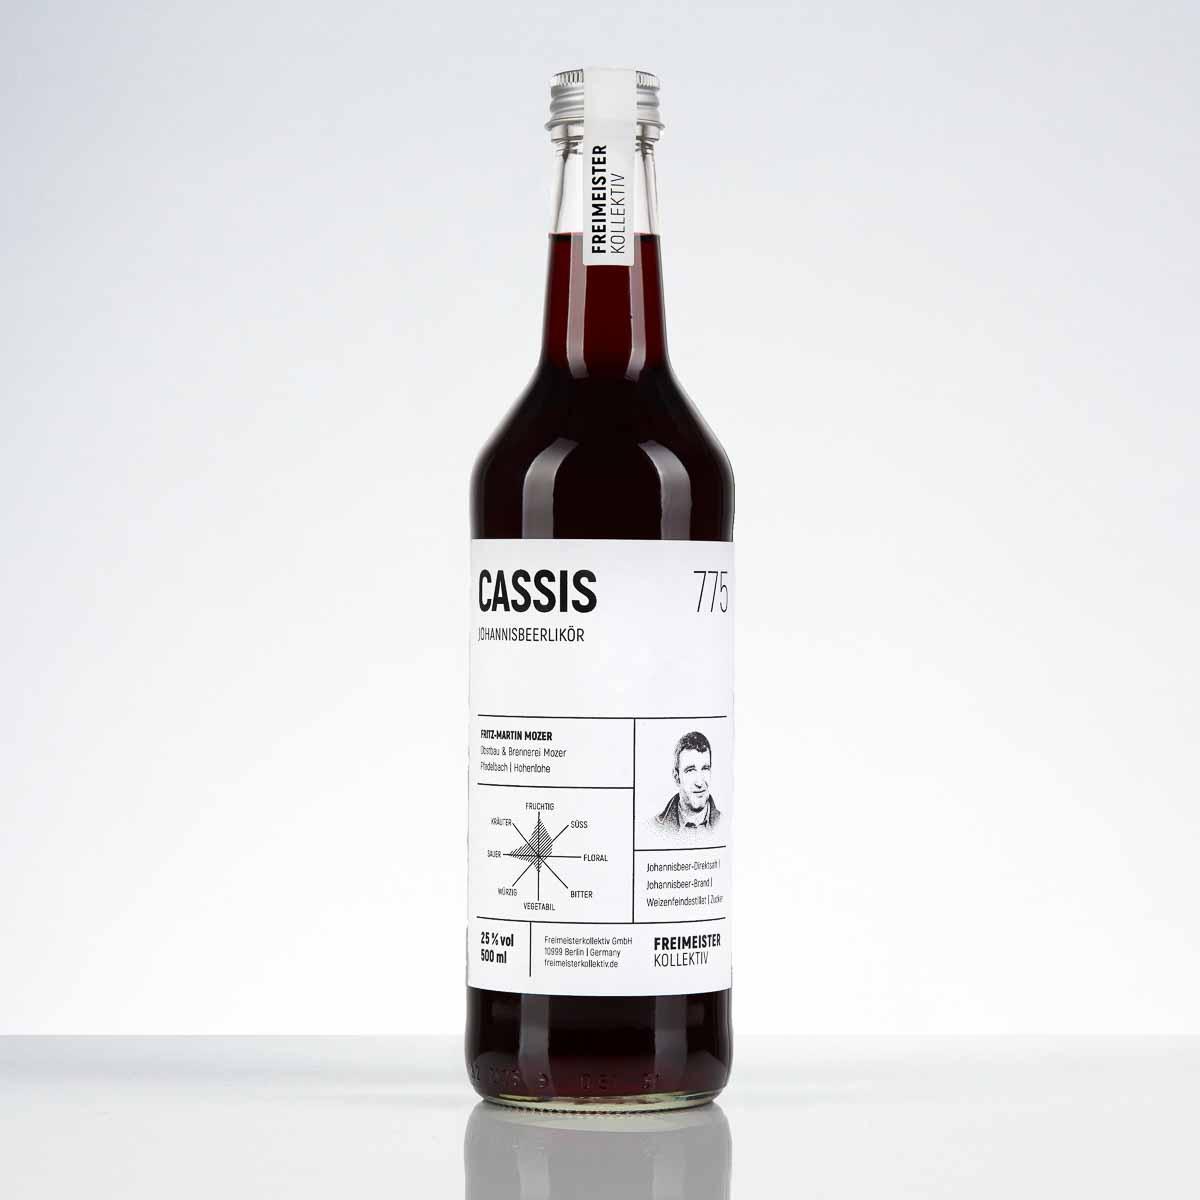 Cassis von Freimeisterkollektiv